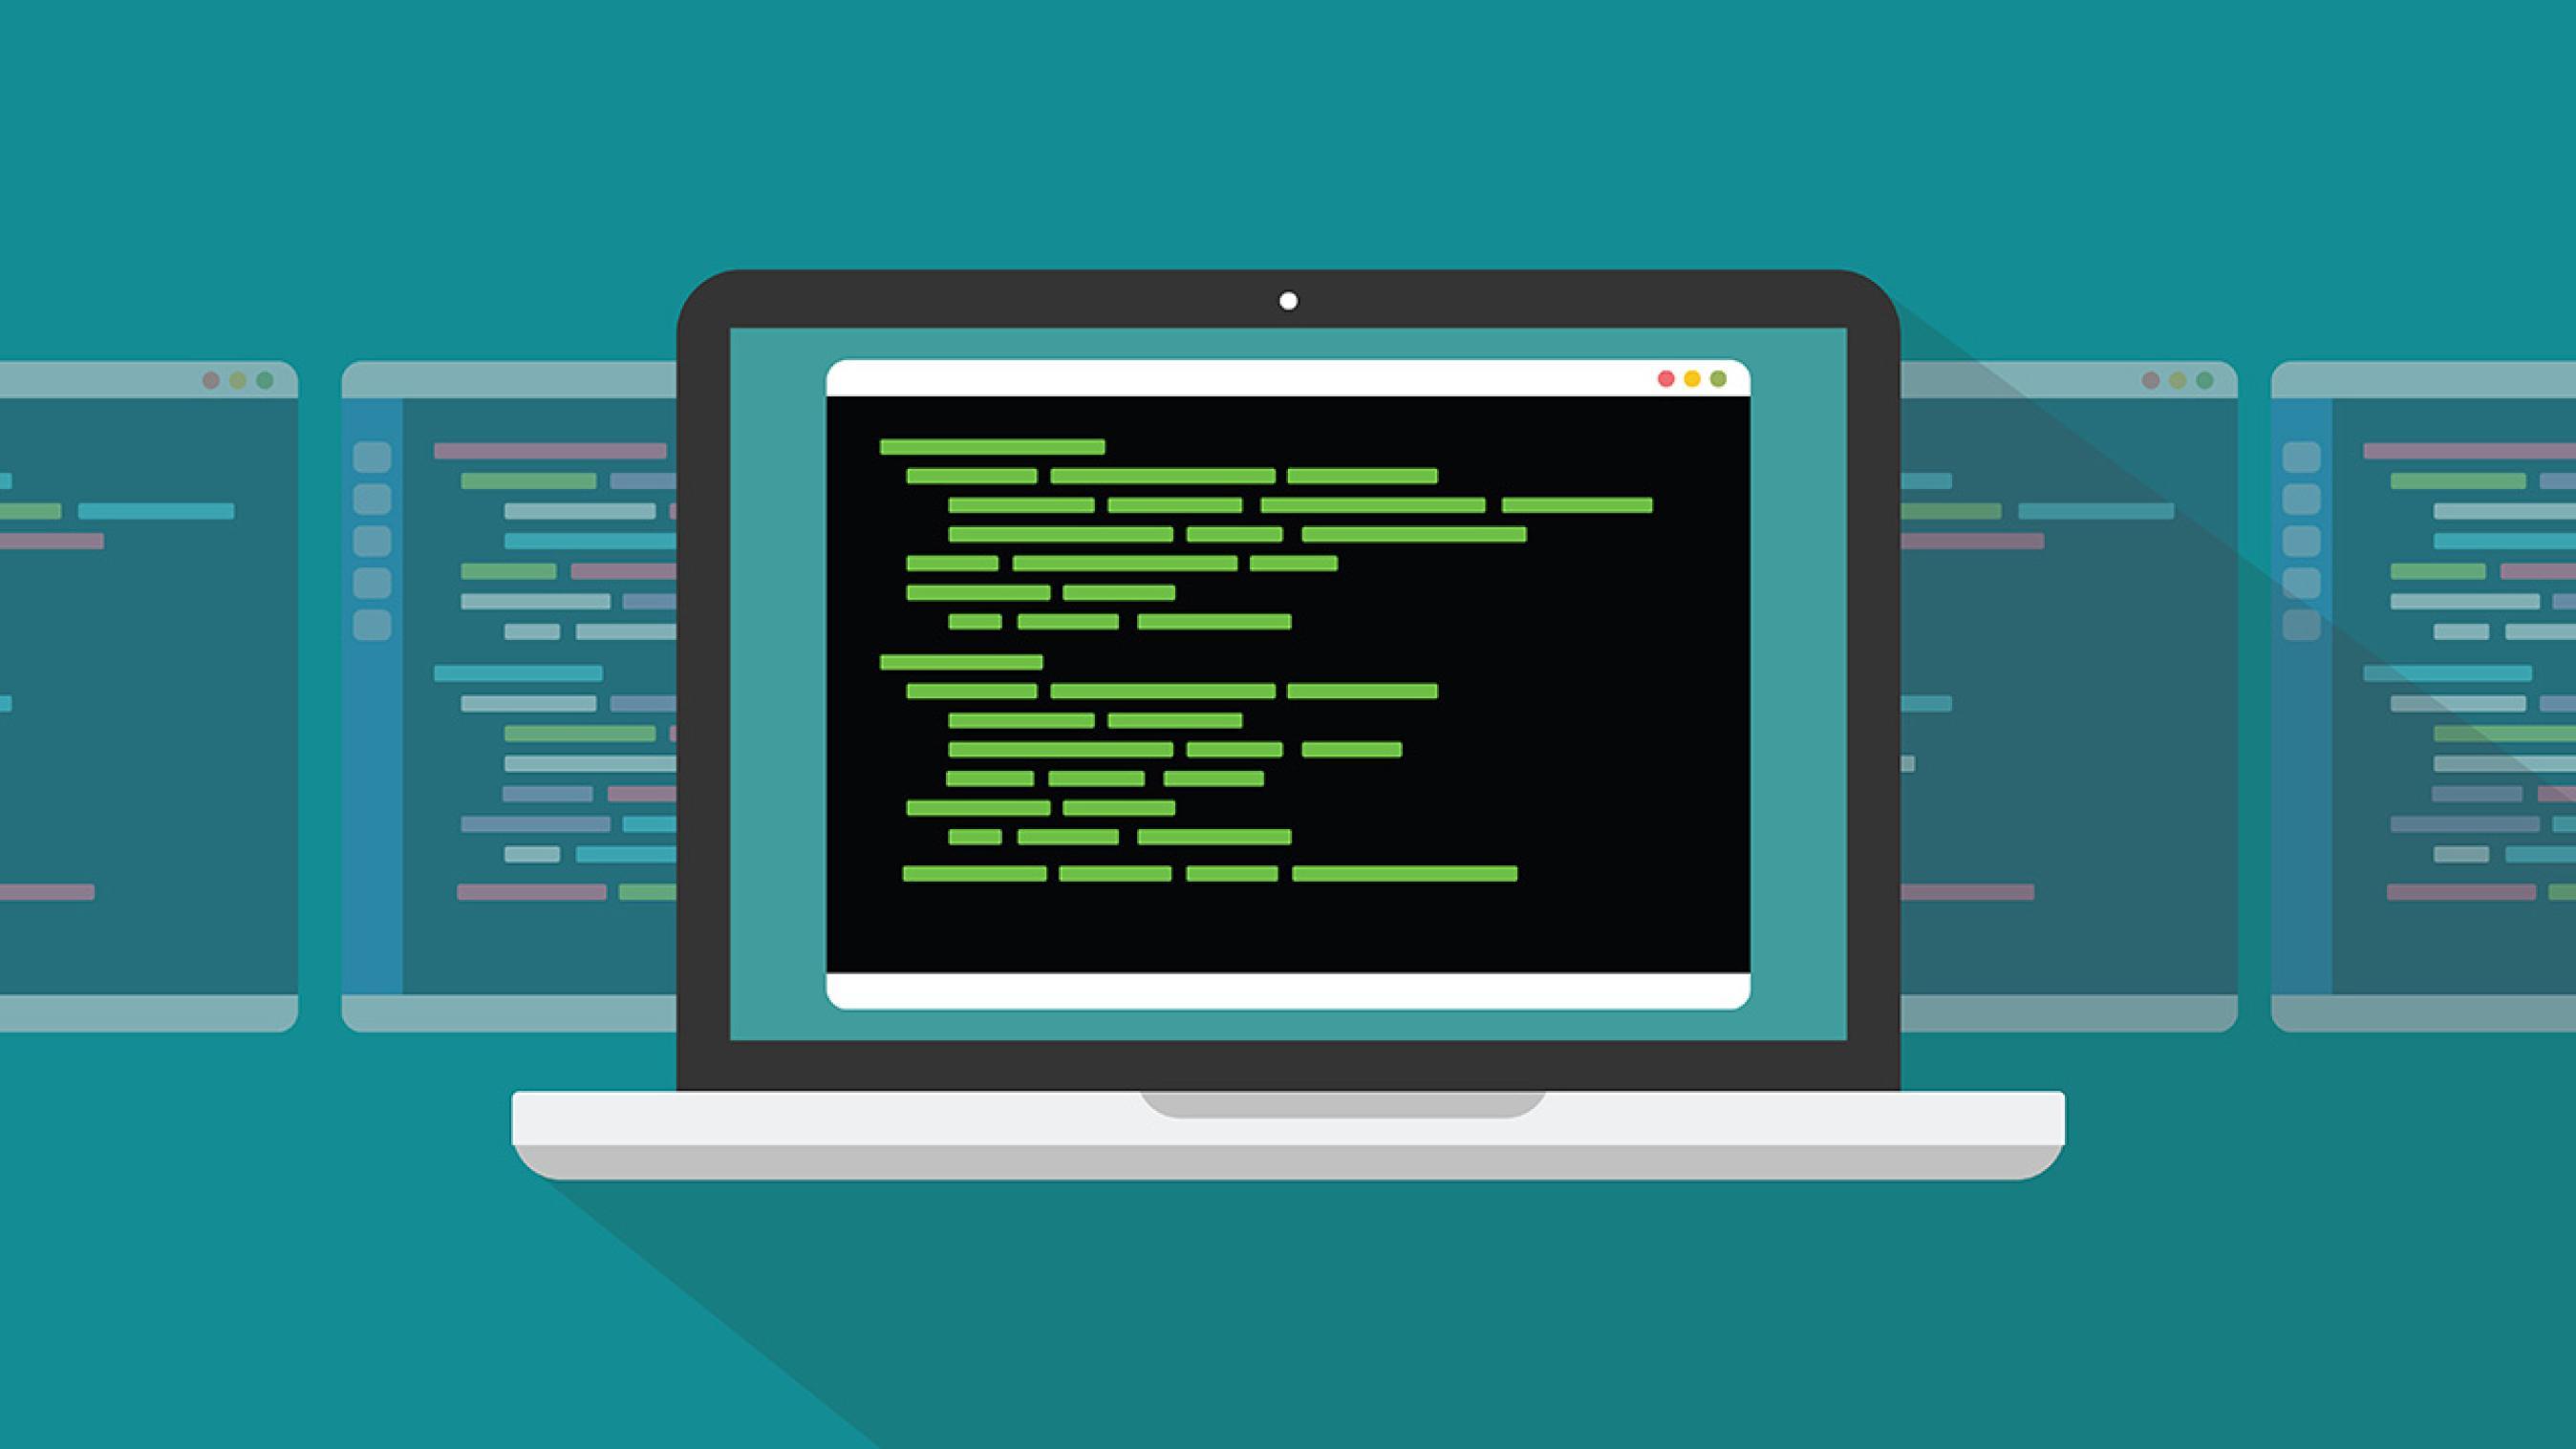 چرا لینوکس از ویندوز و مک بهتر است ؟ (برای برنامه نویسان و علاقه مندان به دنیای متن باز)